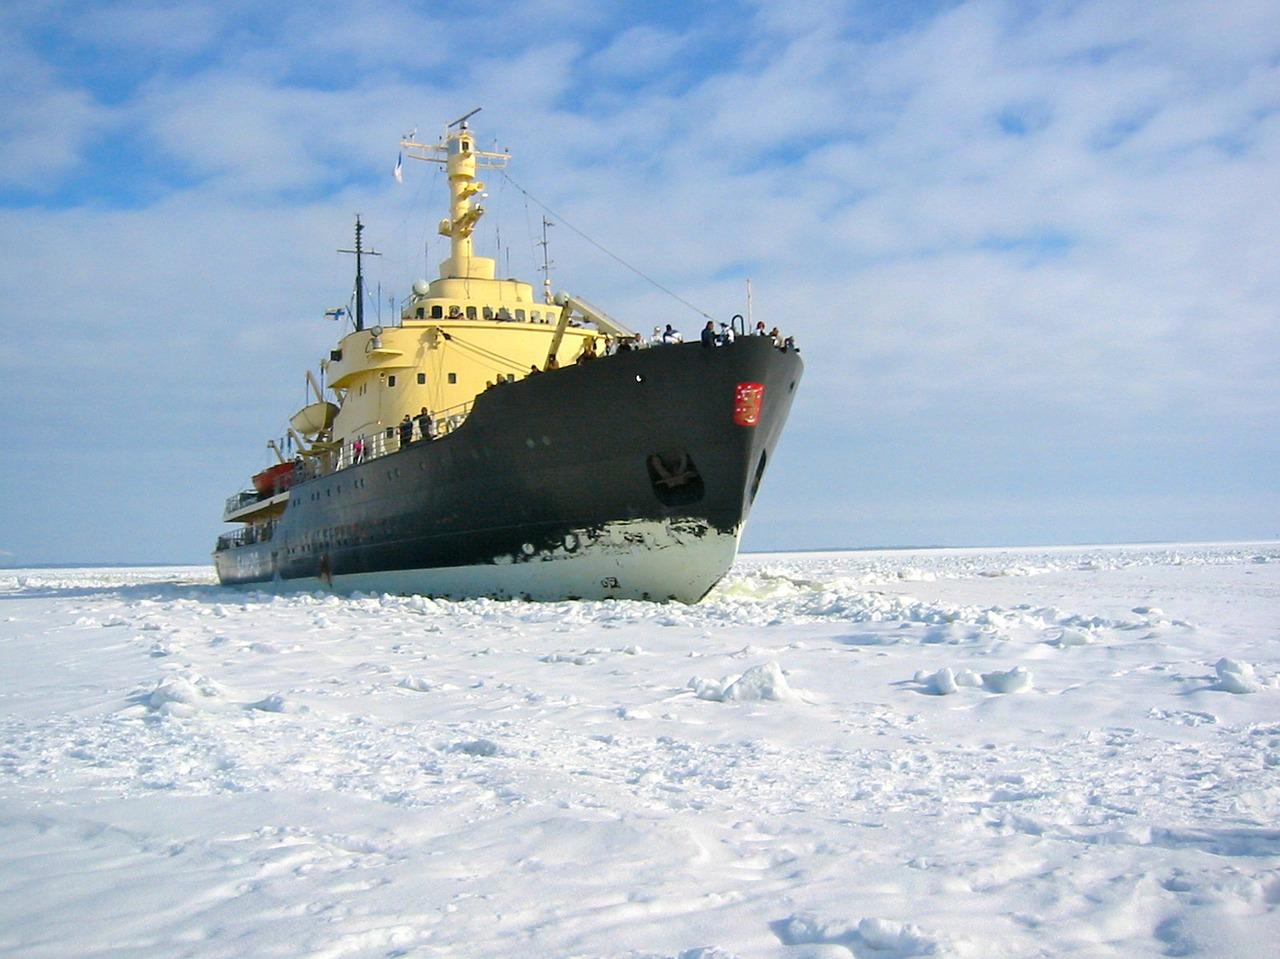 Ukraina planuje kupić lodołamacz za pięć milionów dolarów